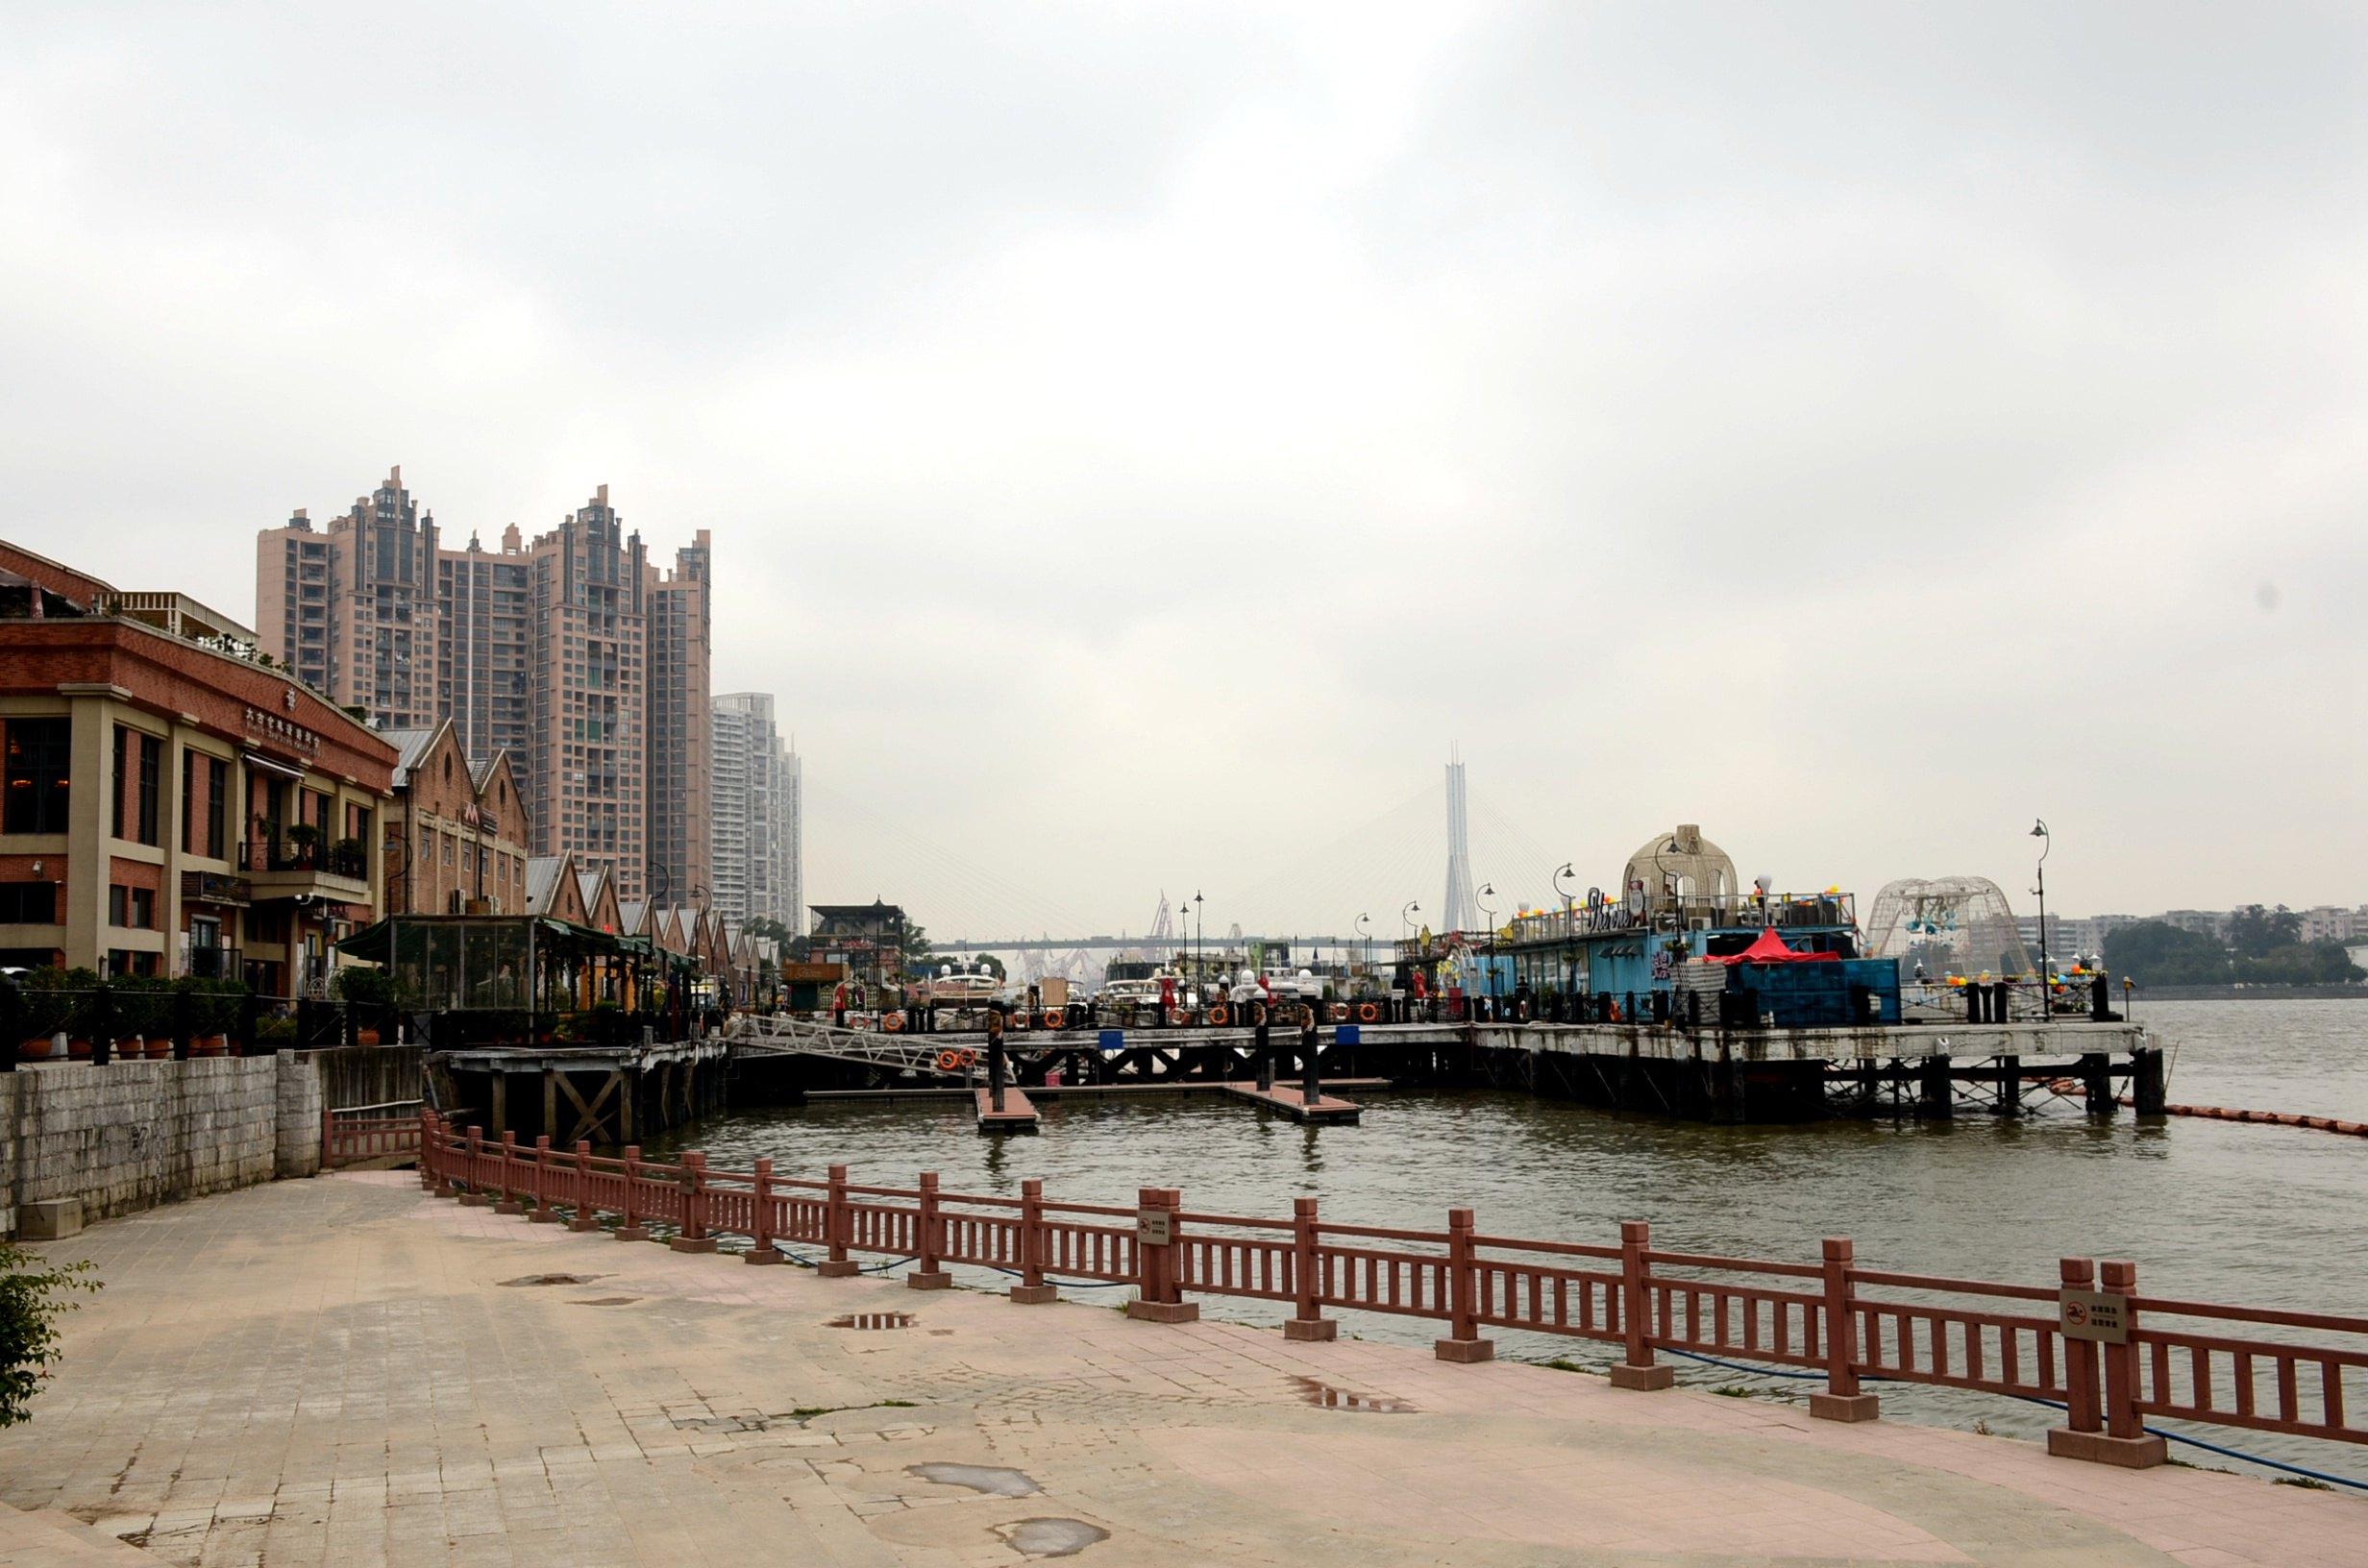 太古仓码头位于广州市海珠区,由英国太古洋行于1904年~1908年间修建图片